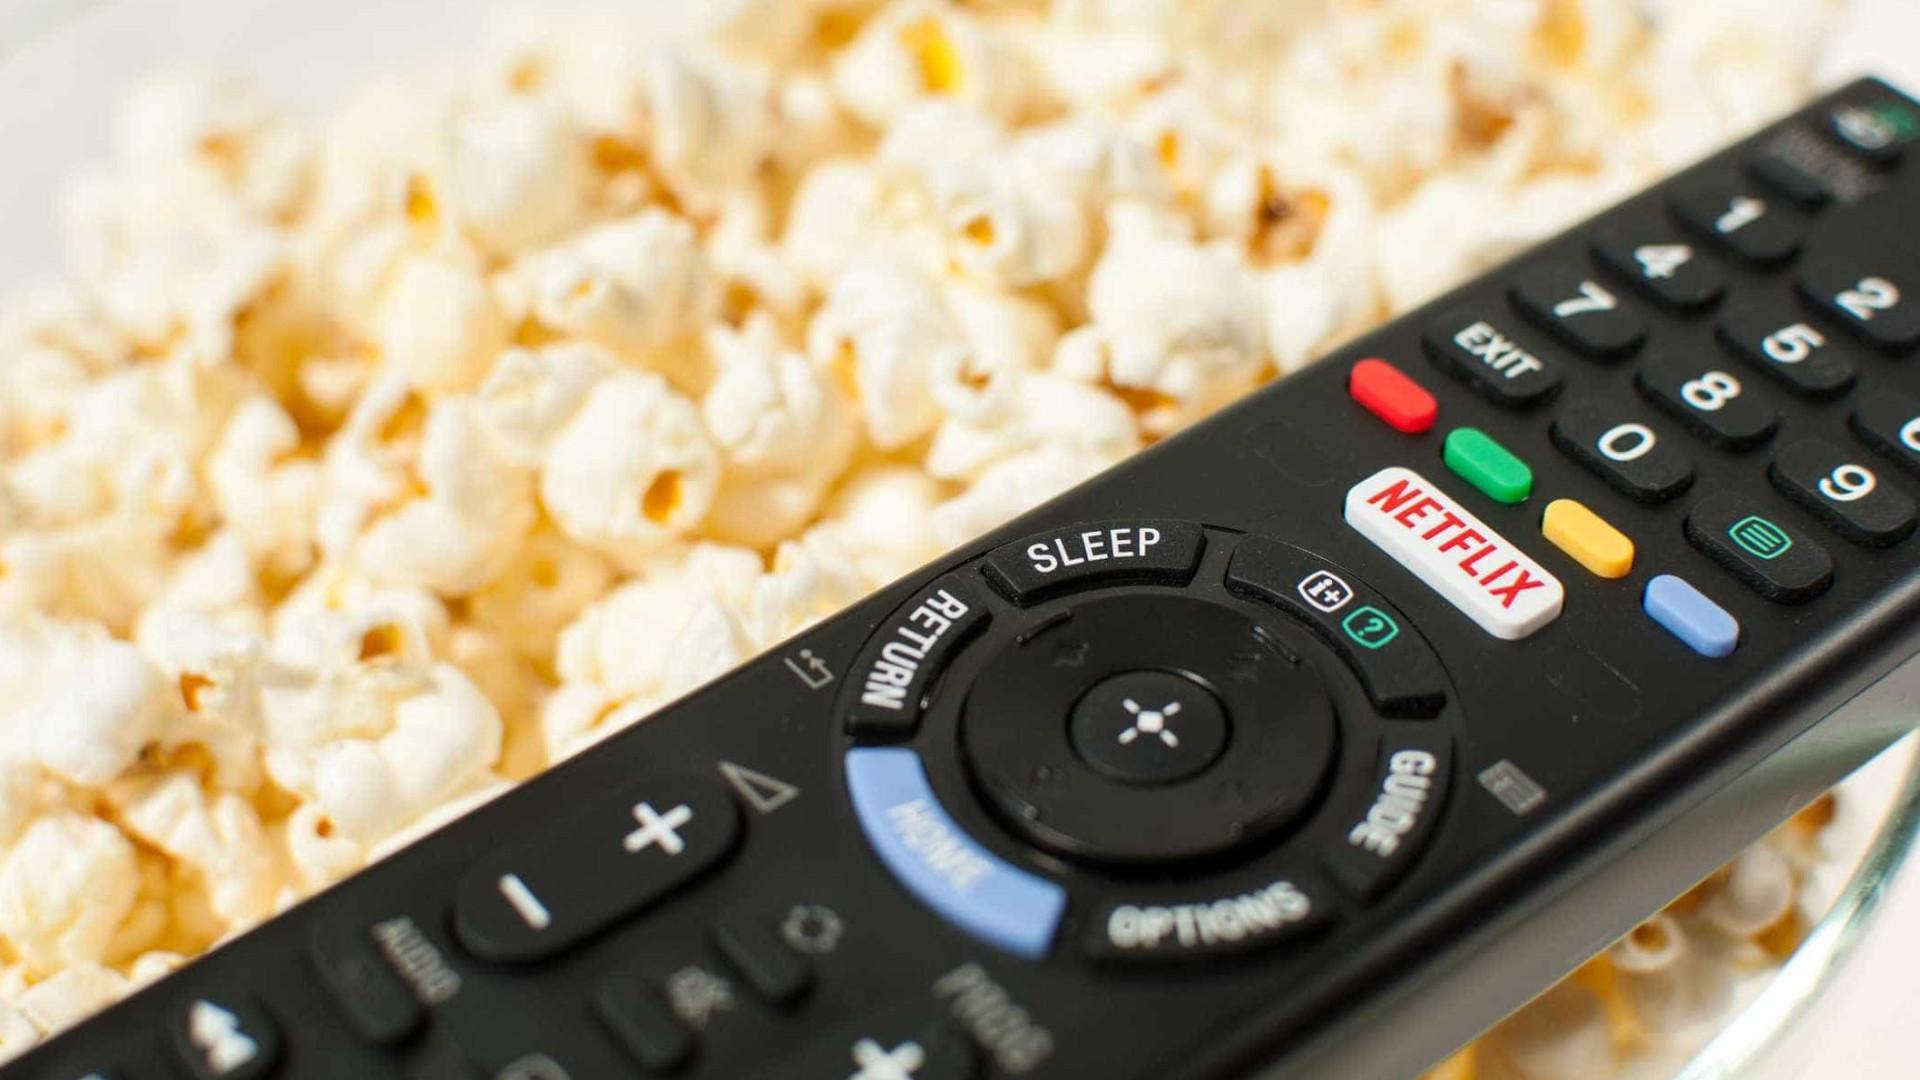 Novos rivais não afetarão a Netflix, diz estudo